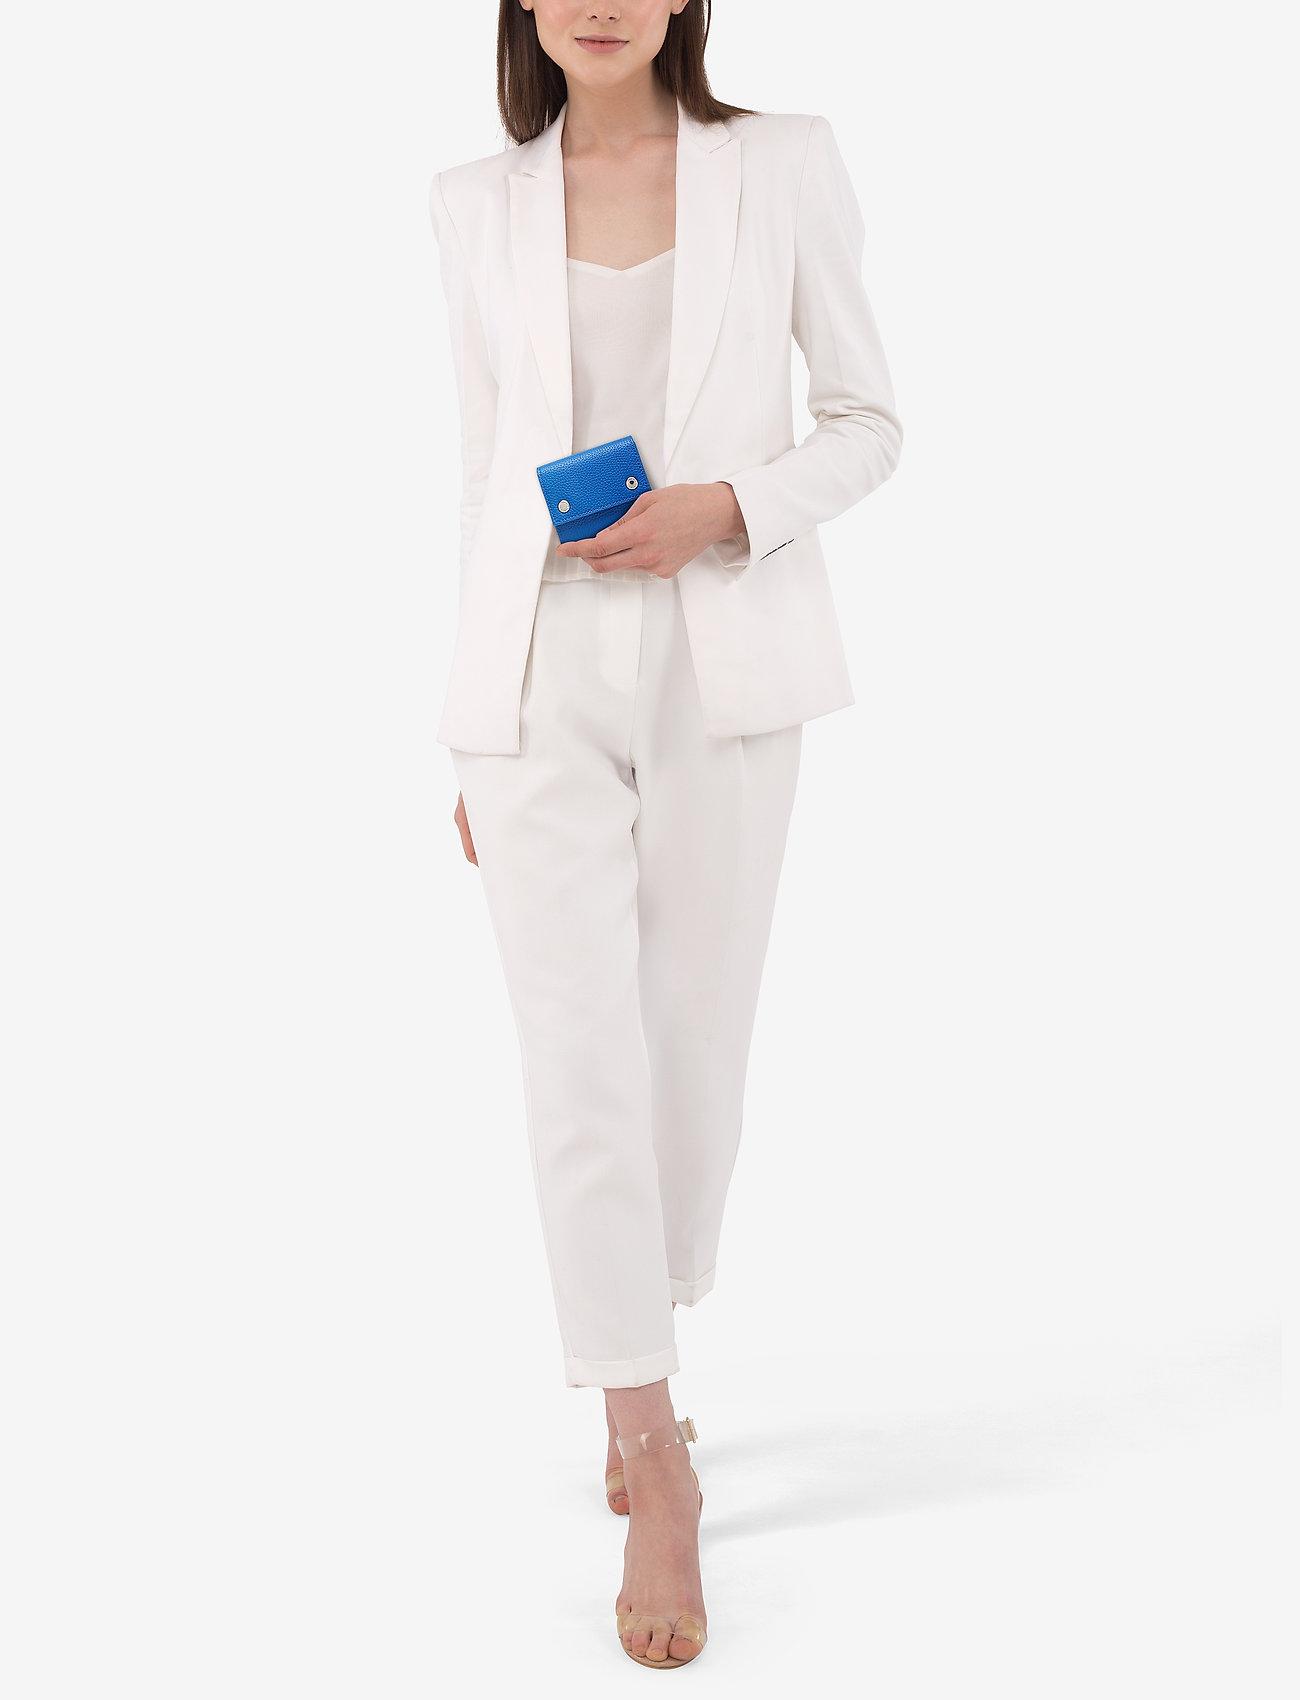 Calvin Klein LOGO BANNER GIFTBOX - NAUTICAL BLUE